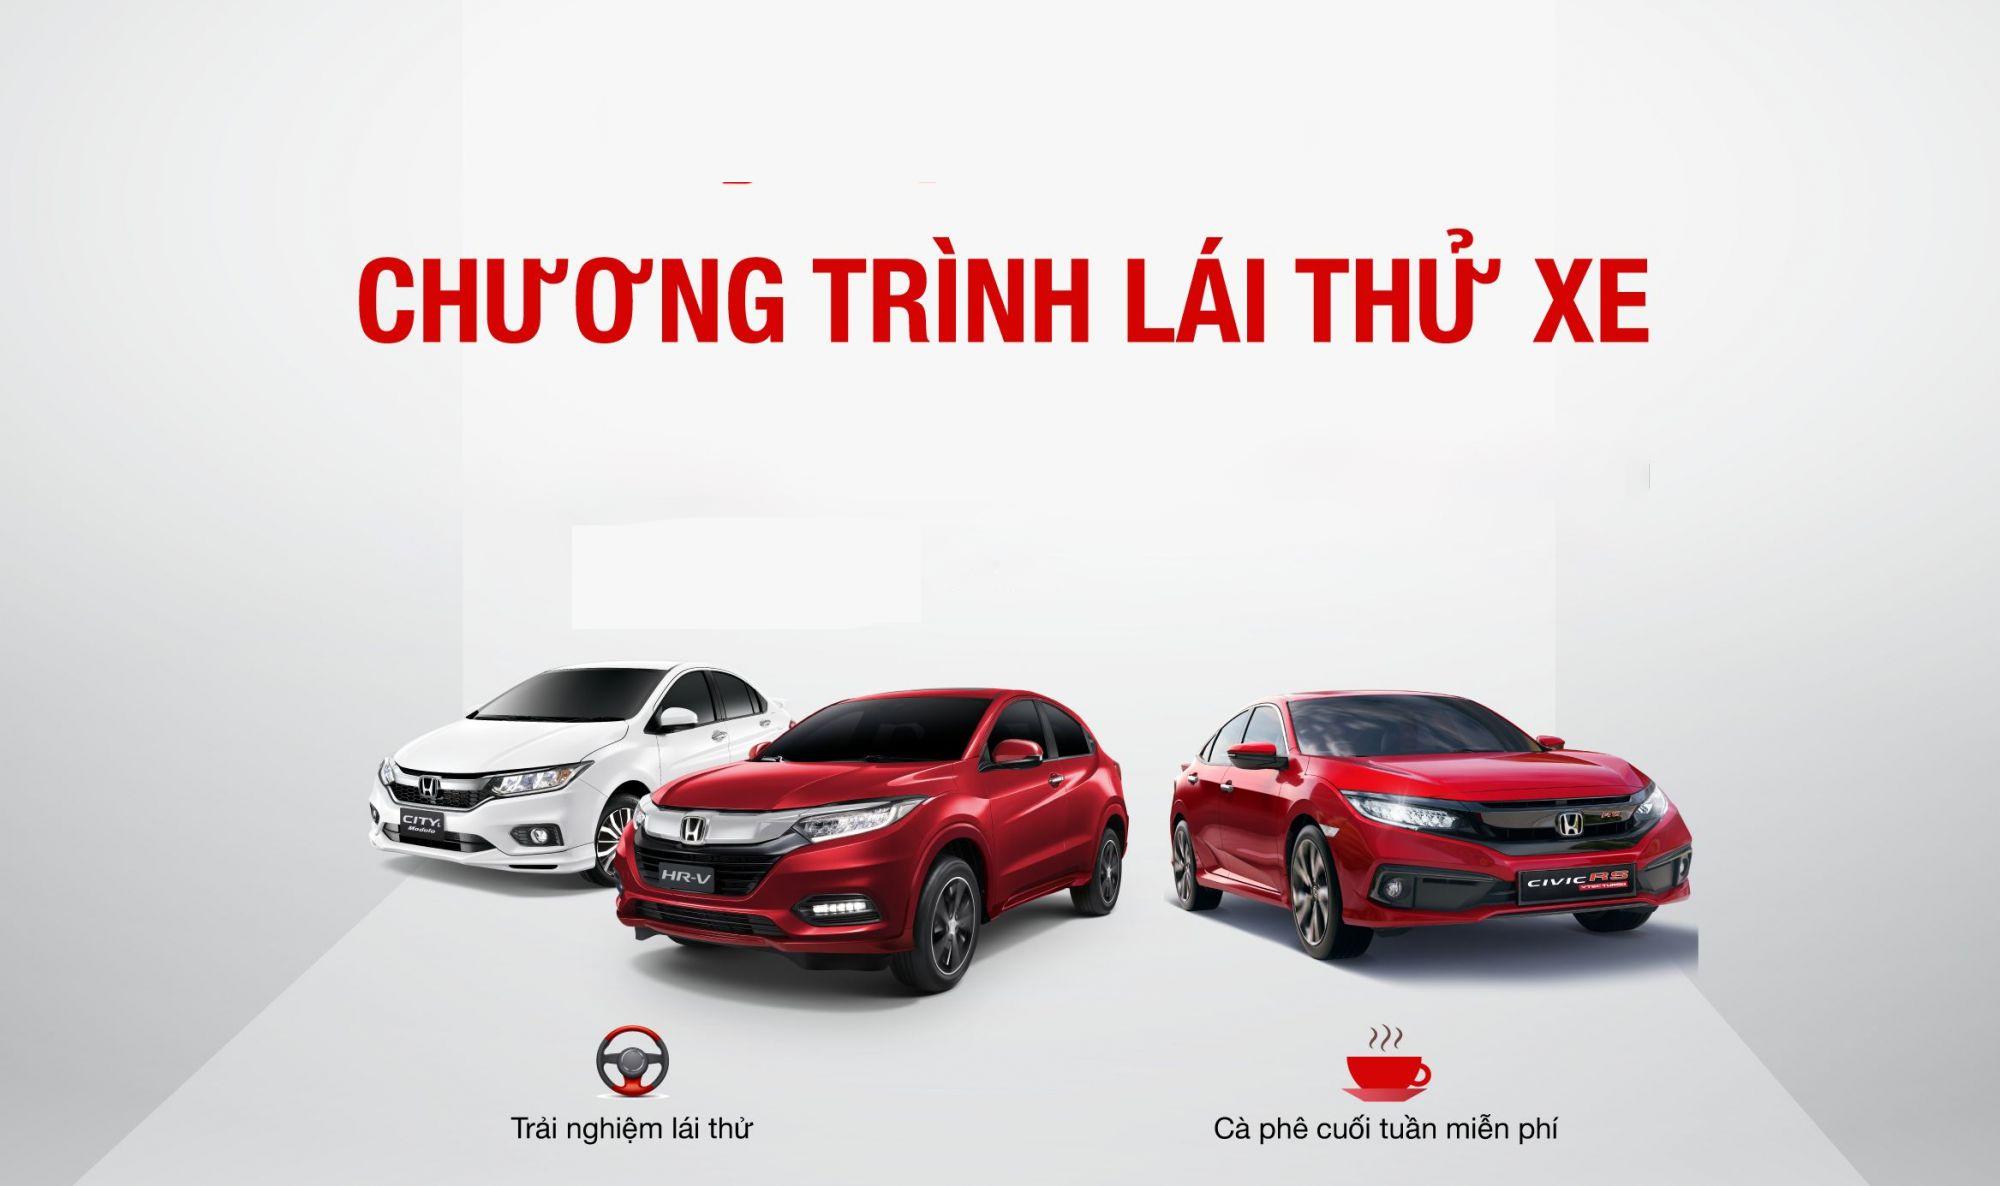 Honda Ô tô Lào Cai tổ chức sự kiện lái thử